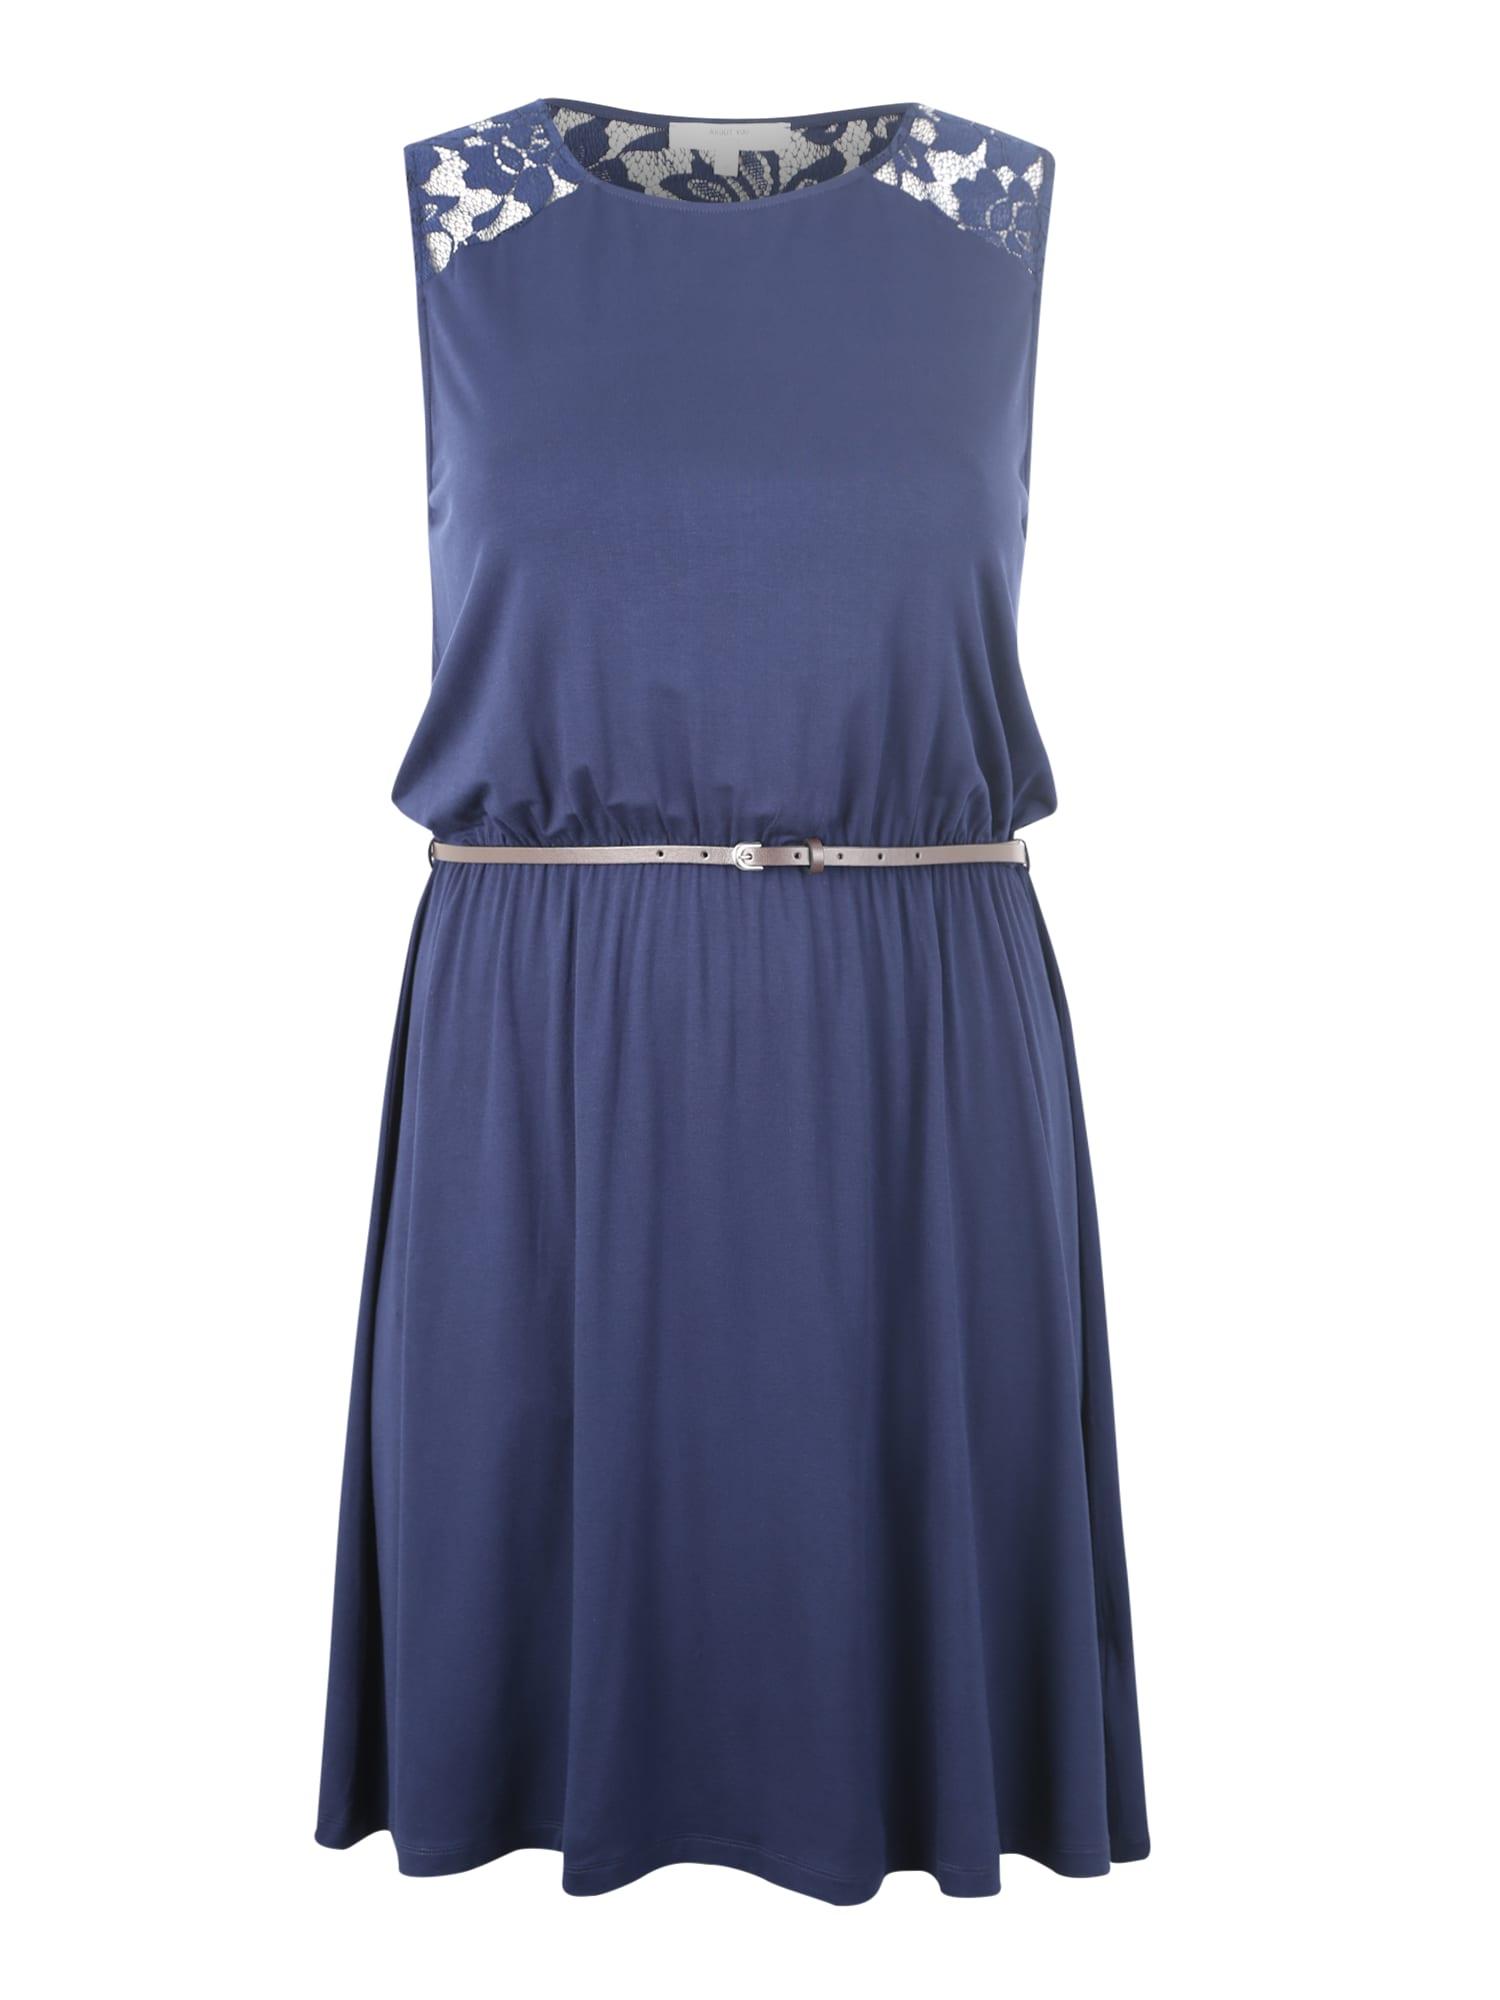 Šaty Cassia námořnická modř ABOUT YOU Curvy